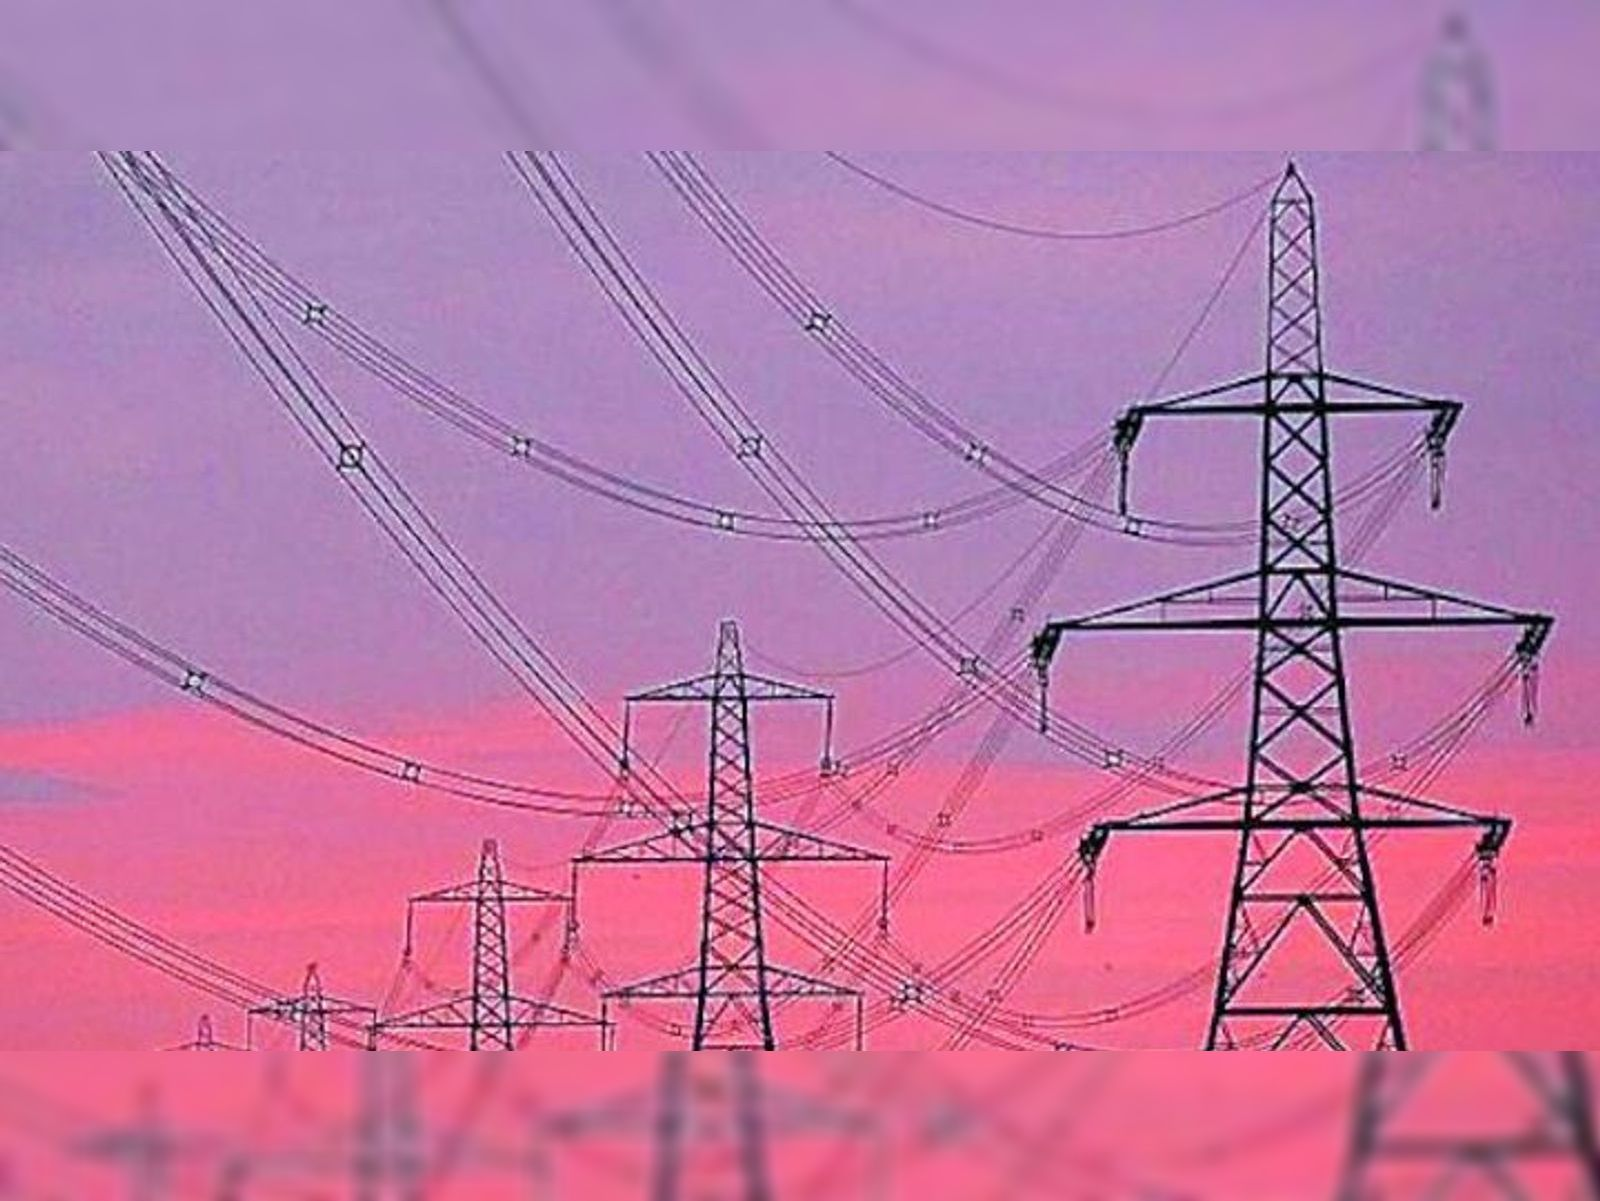 मानसून के रूठने से हांफा बिजली सिस्टम, 2 थर्मल प्लांट बैठने से रात 8:45 से 9:30 बजे तक रहा ब्लैकआउट|जालंधर,Jalandhar - Dainik Bhaskar